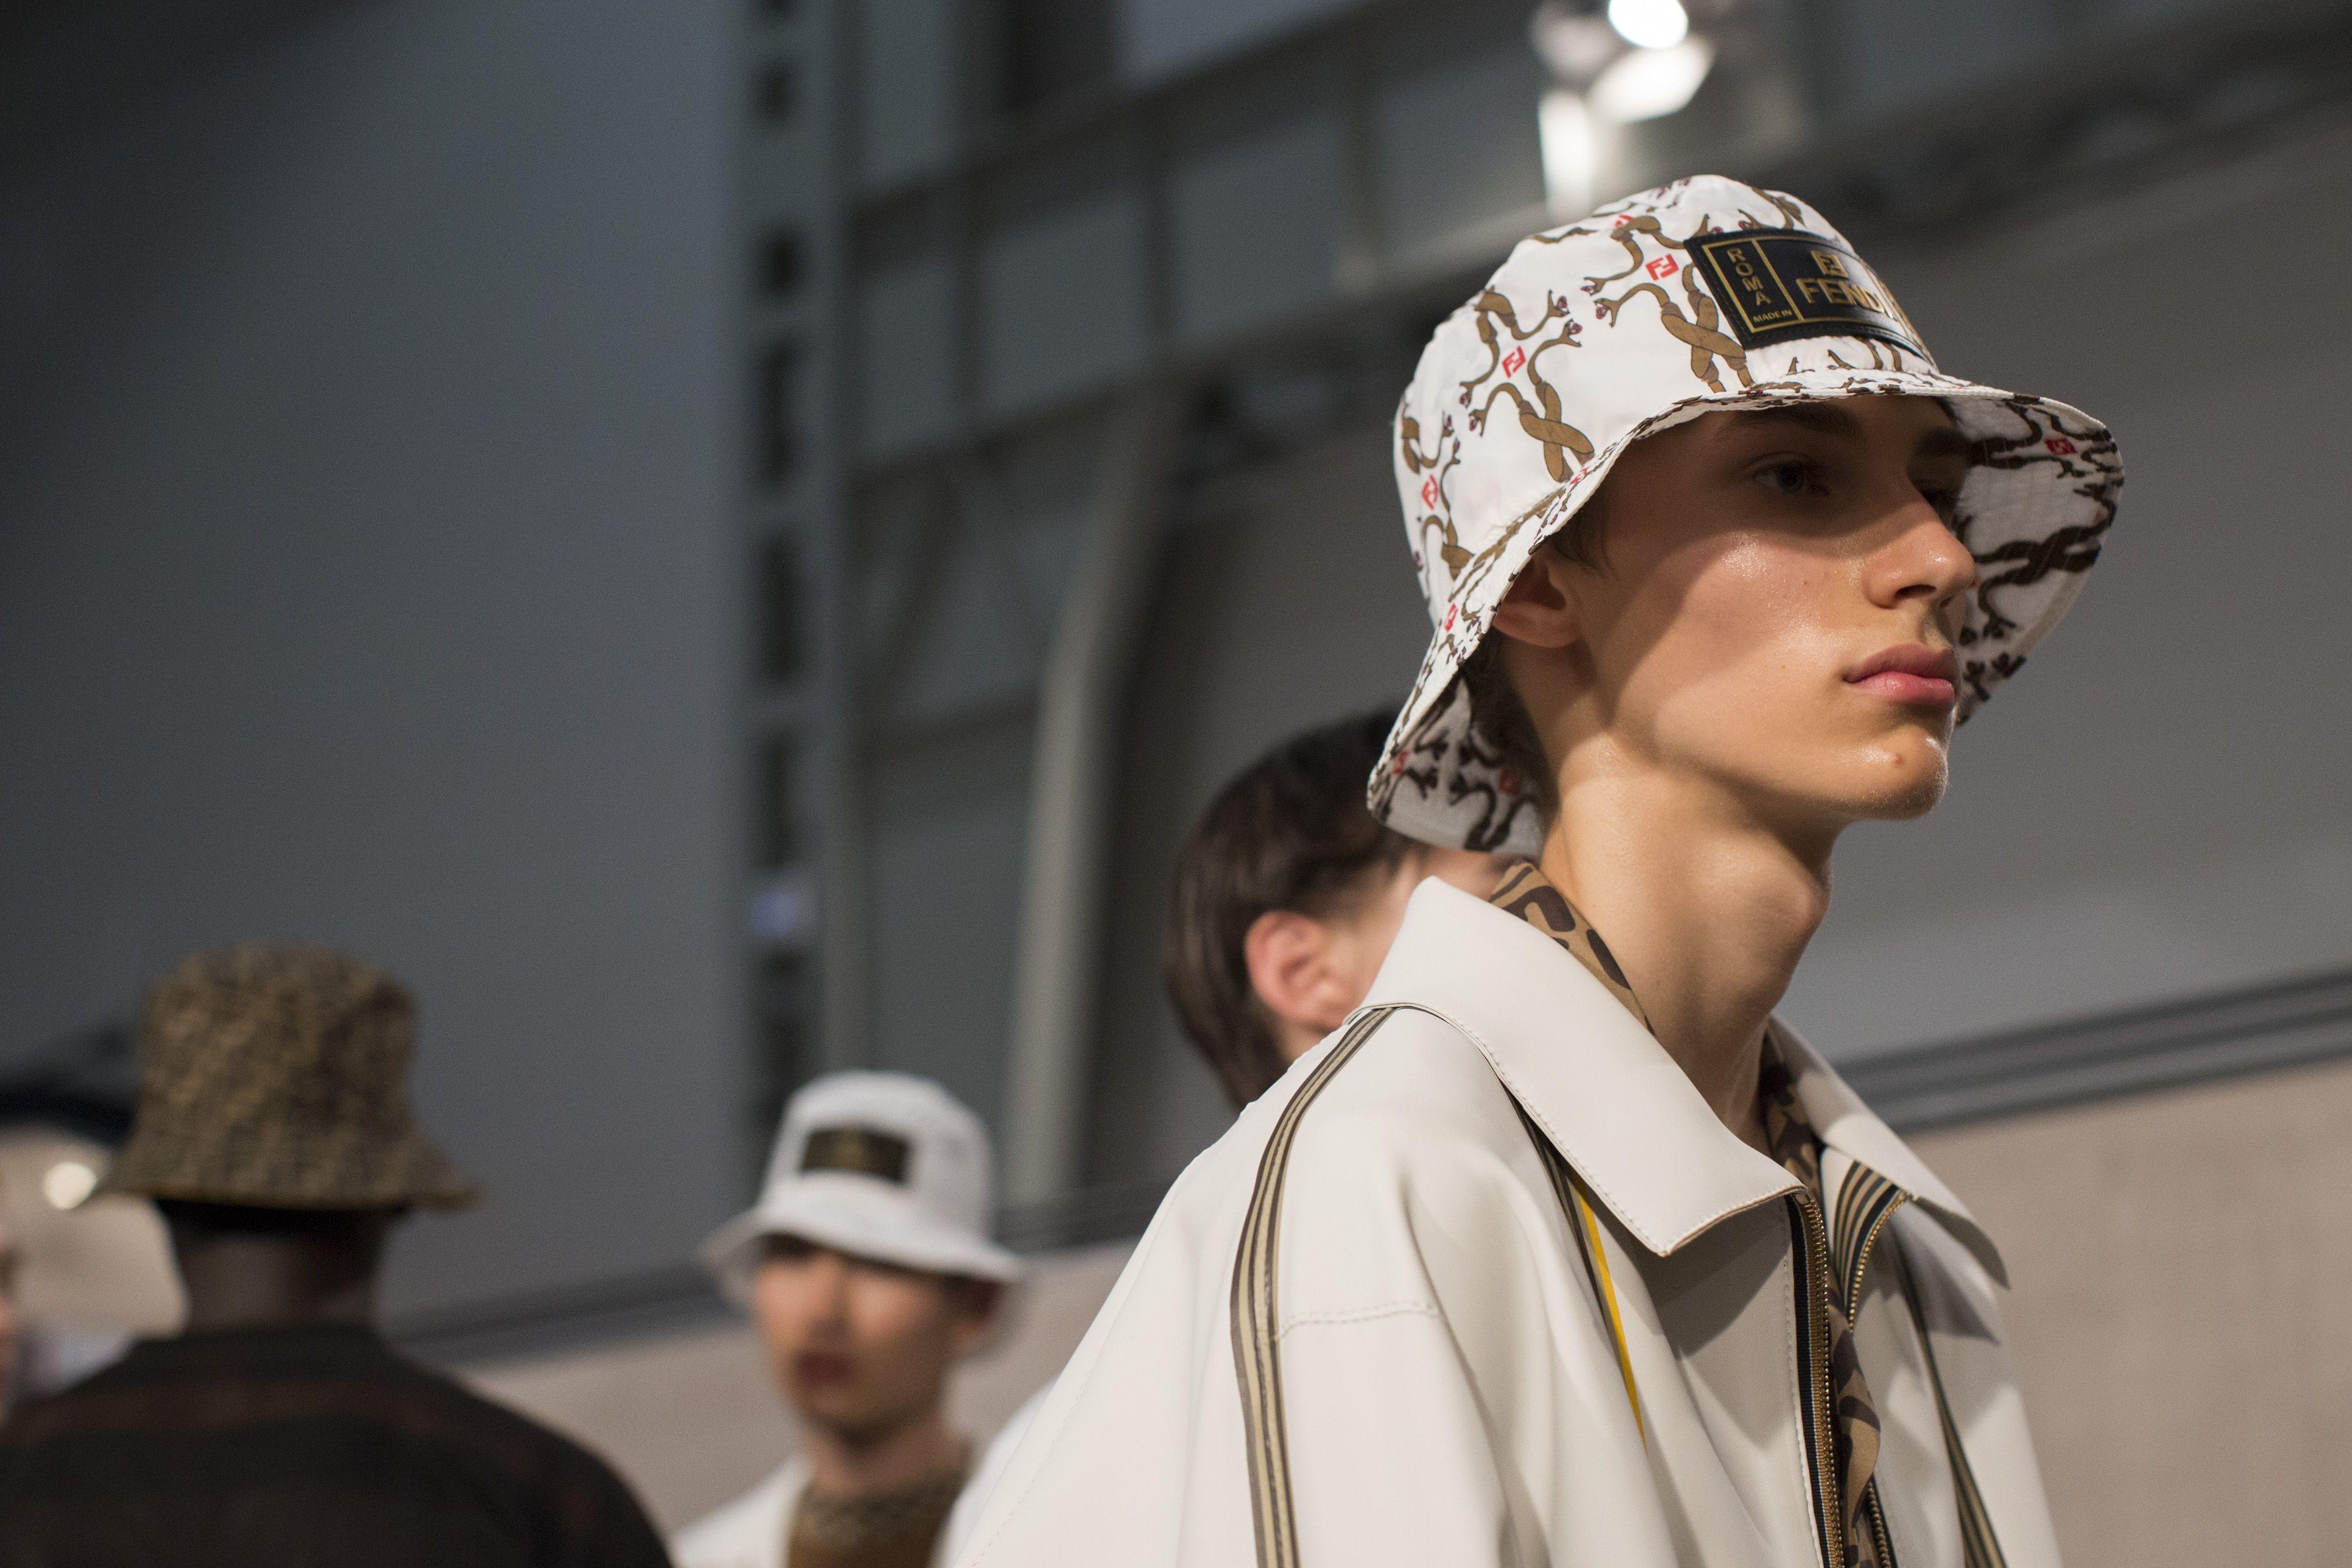 0484e74cf628 Sombreros de verano para hombre - El sombrero de pescador